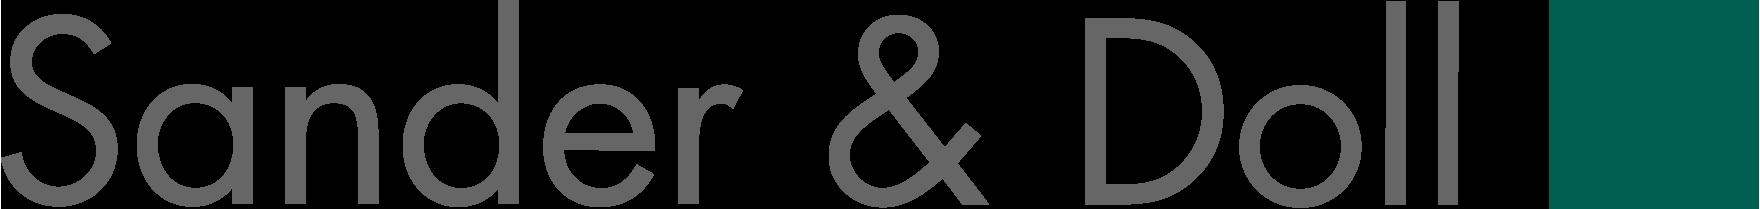 Unternehmens-Logo von Sander & Doll AG